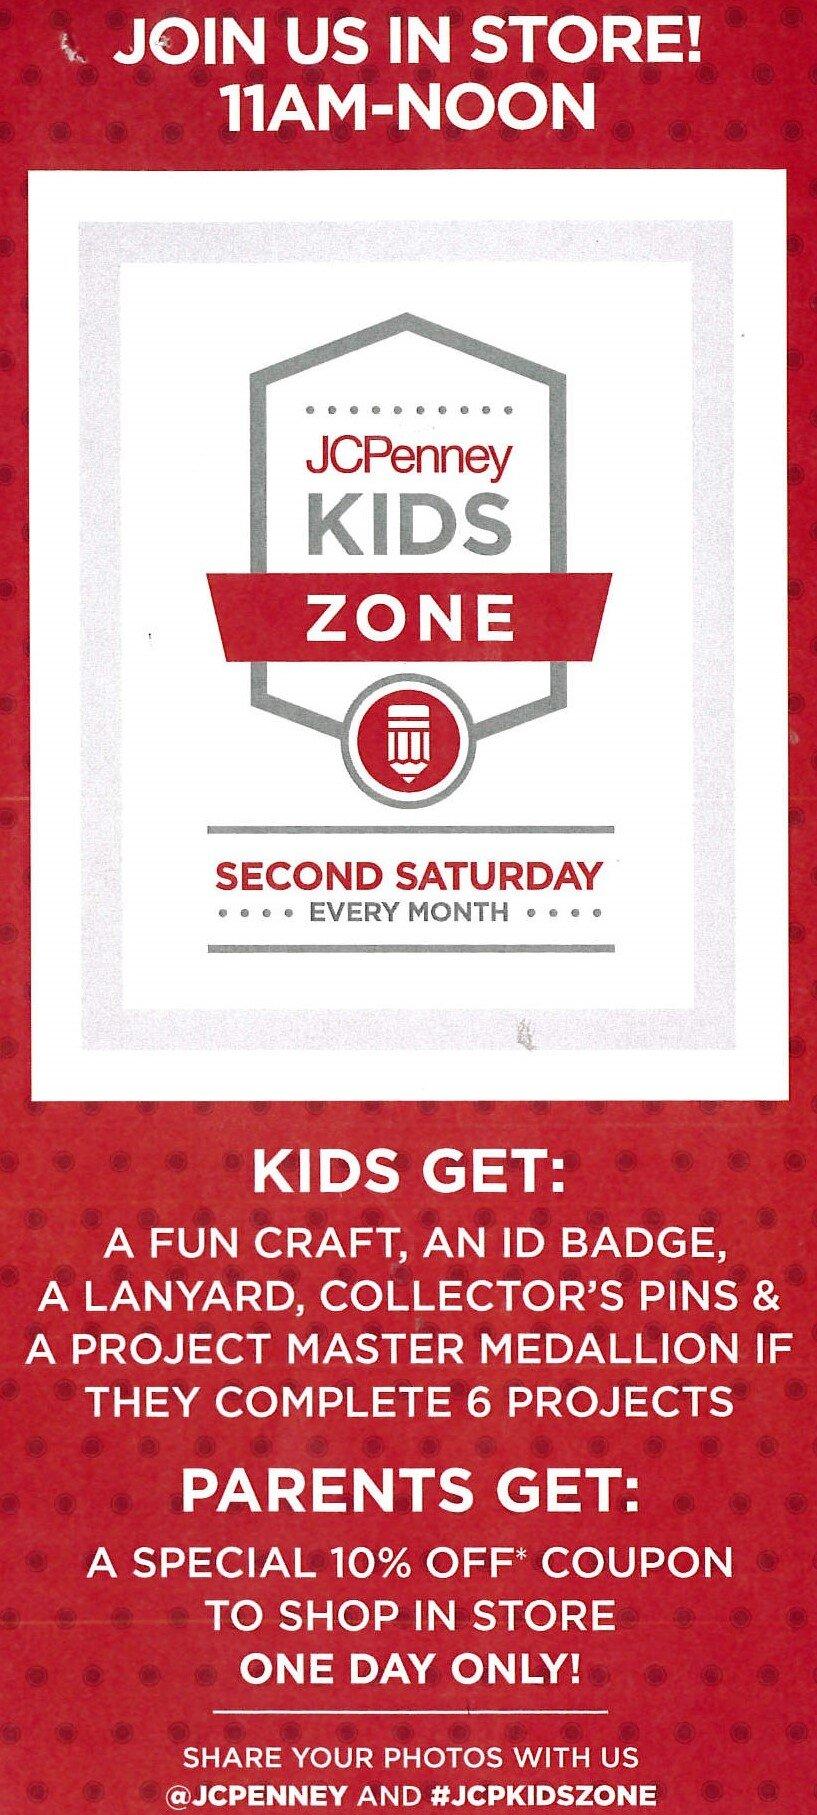 Kids Zone Crafts Oct 12 .jpg